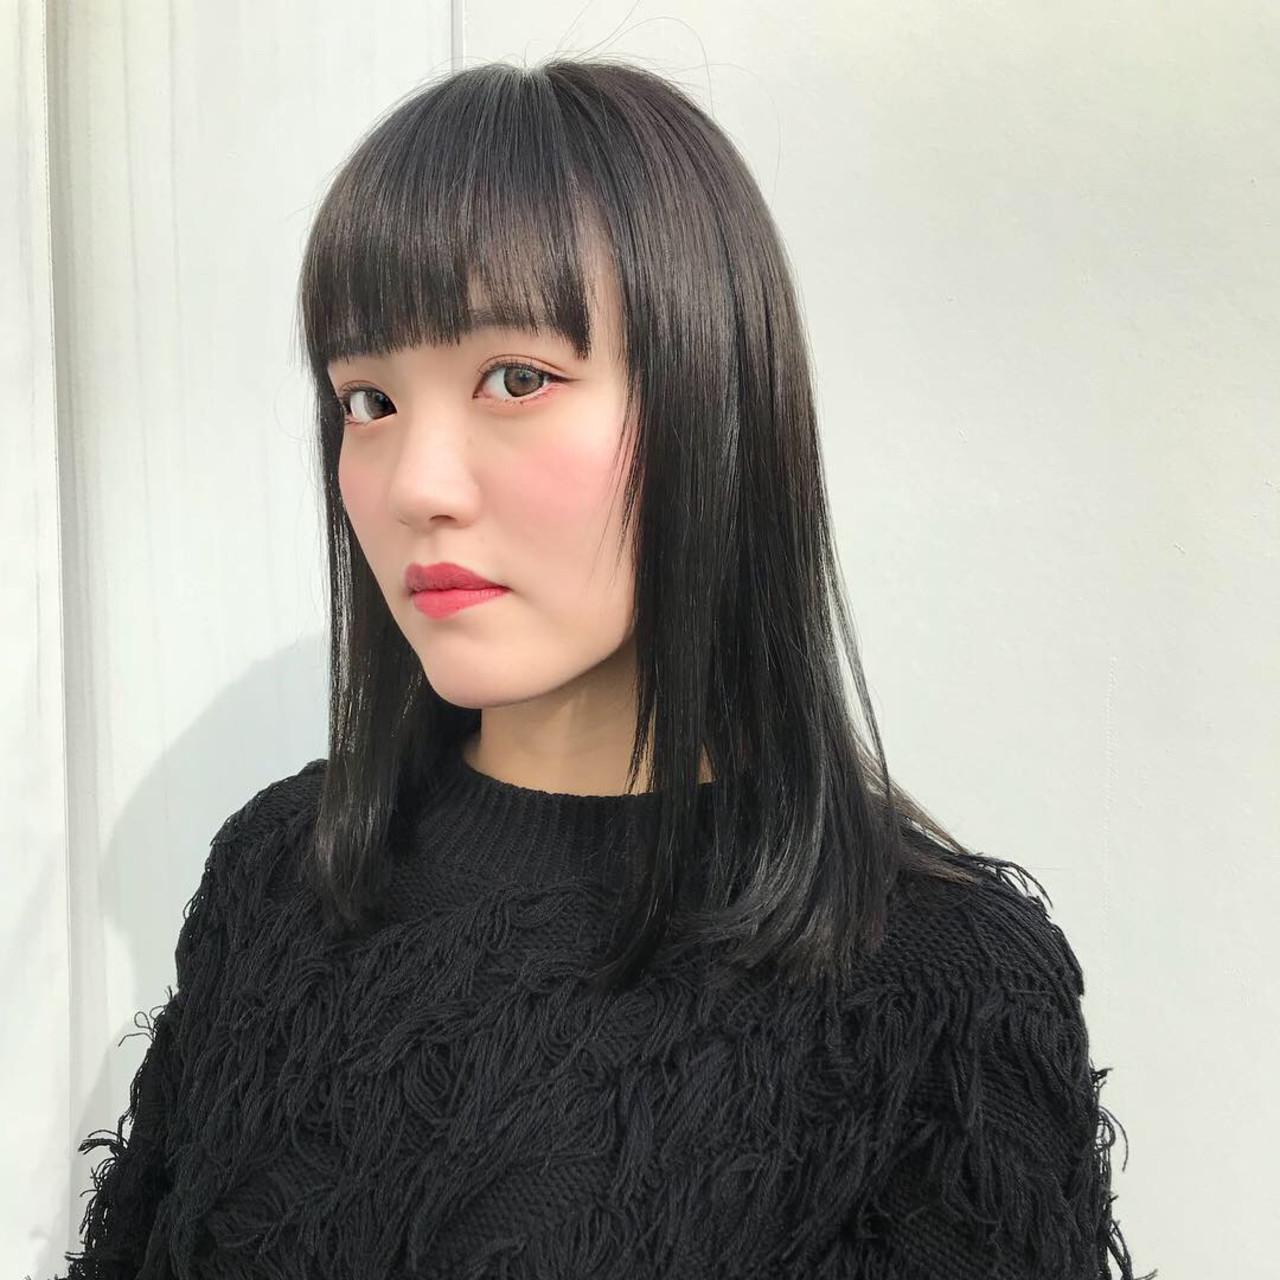 ツヤ髪色がポイント♡暗髪カラーのグレーヘア 寺山佳貴